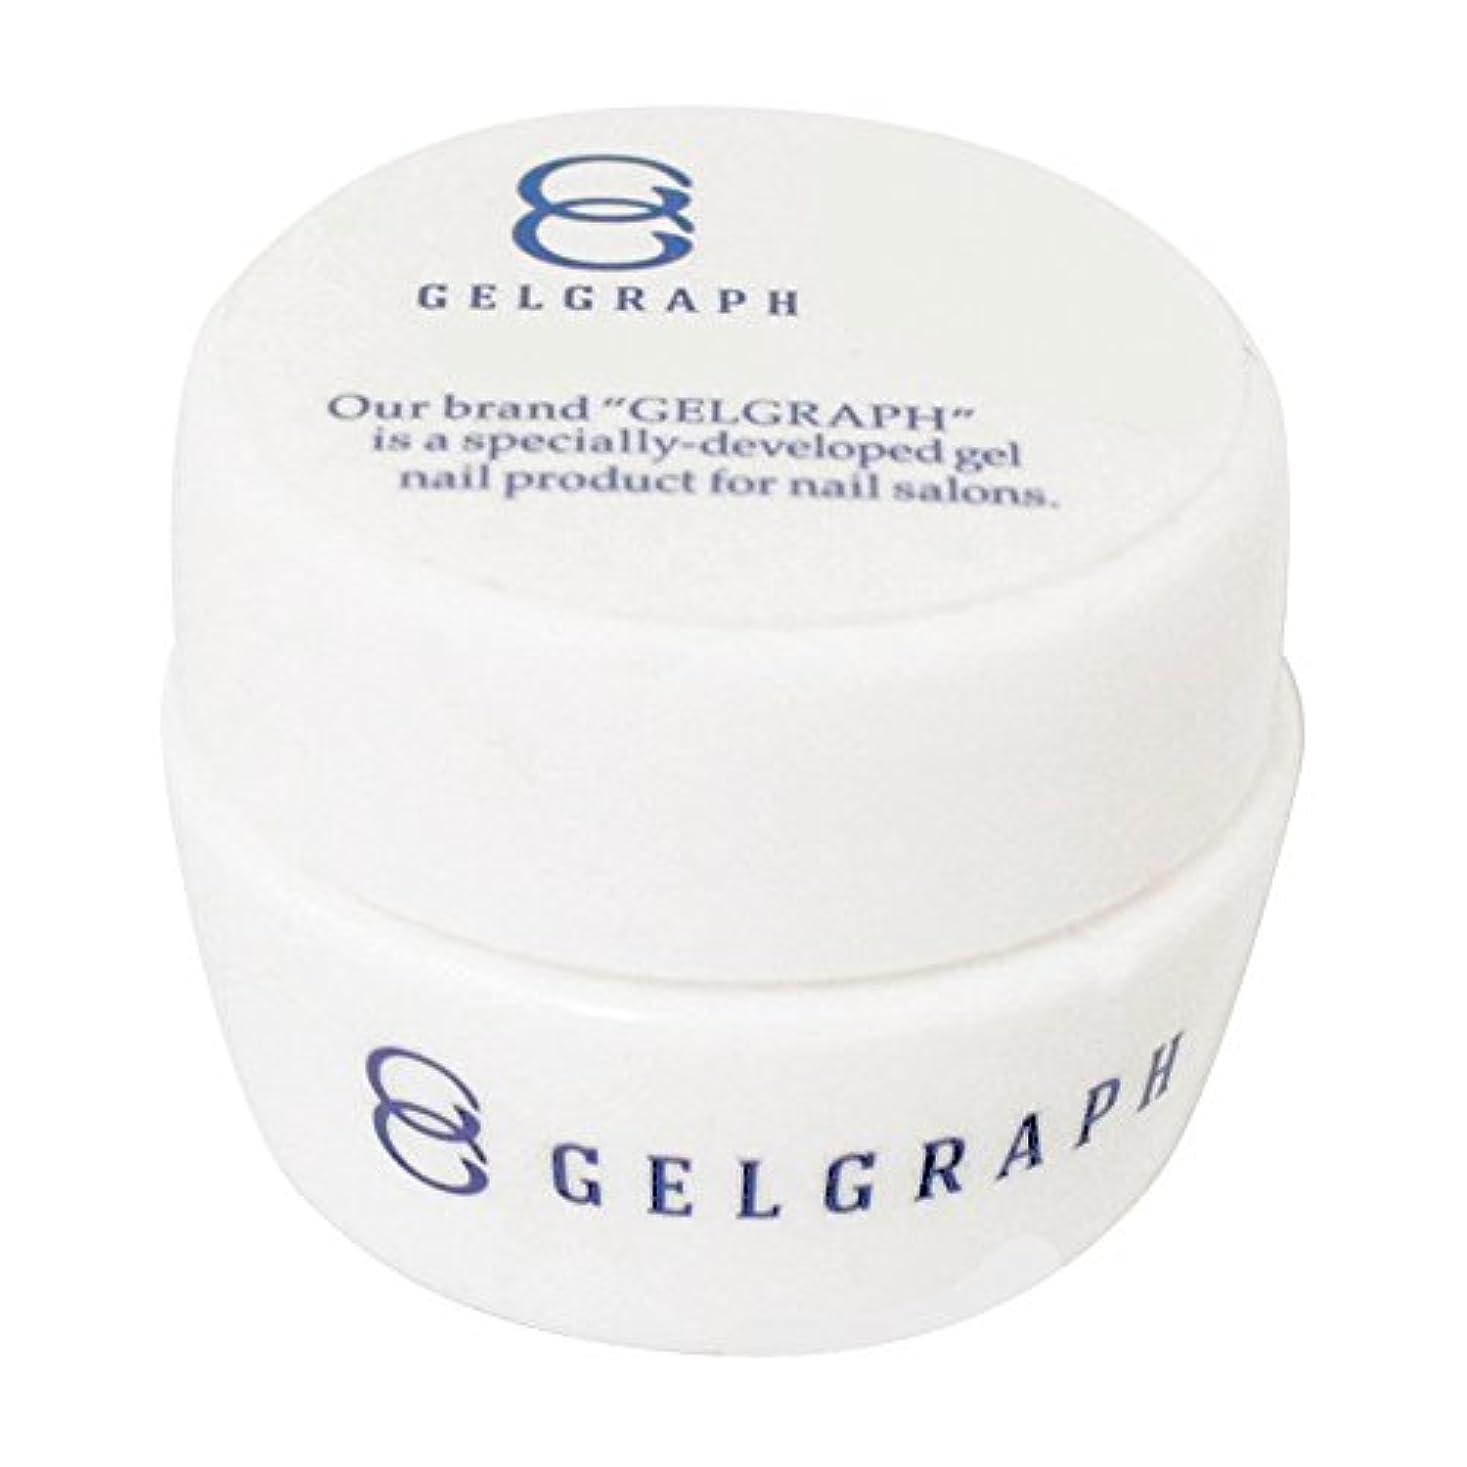 スリップシューズ輝く現代GELGRAPH カラージェル 089NP R&B 5g UV/LED対応 ソークオフジェル